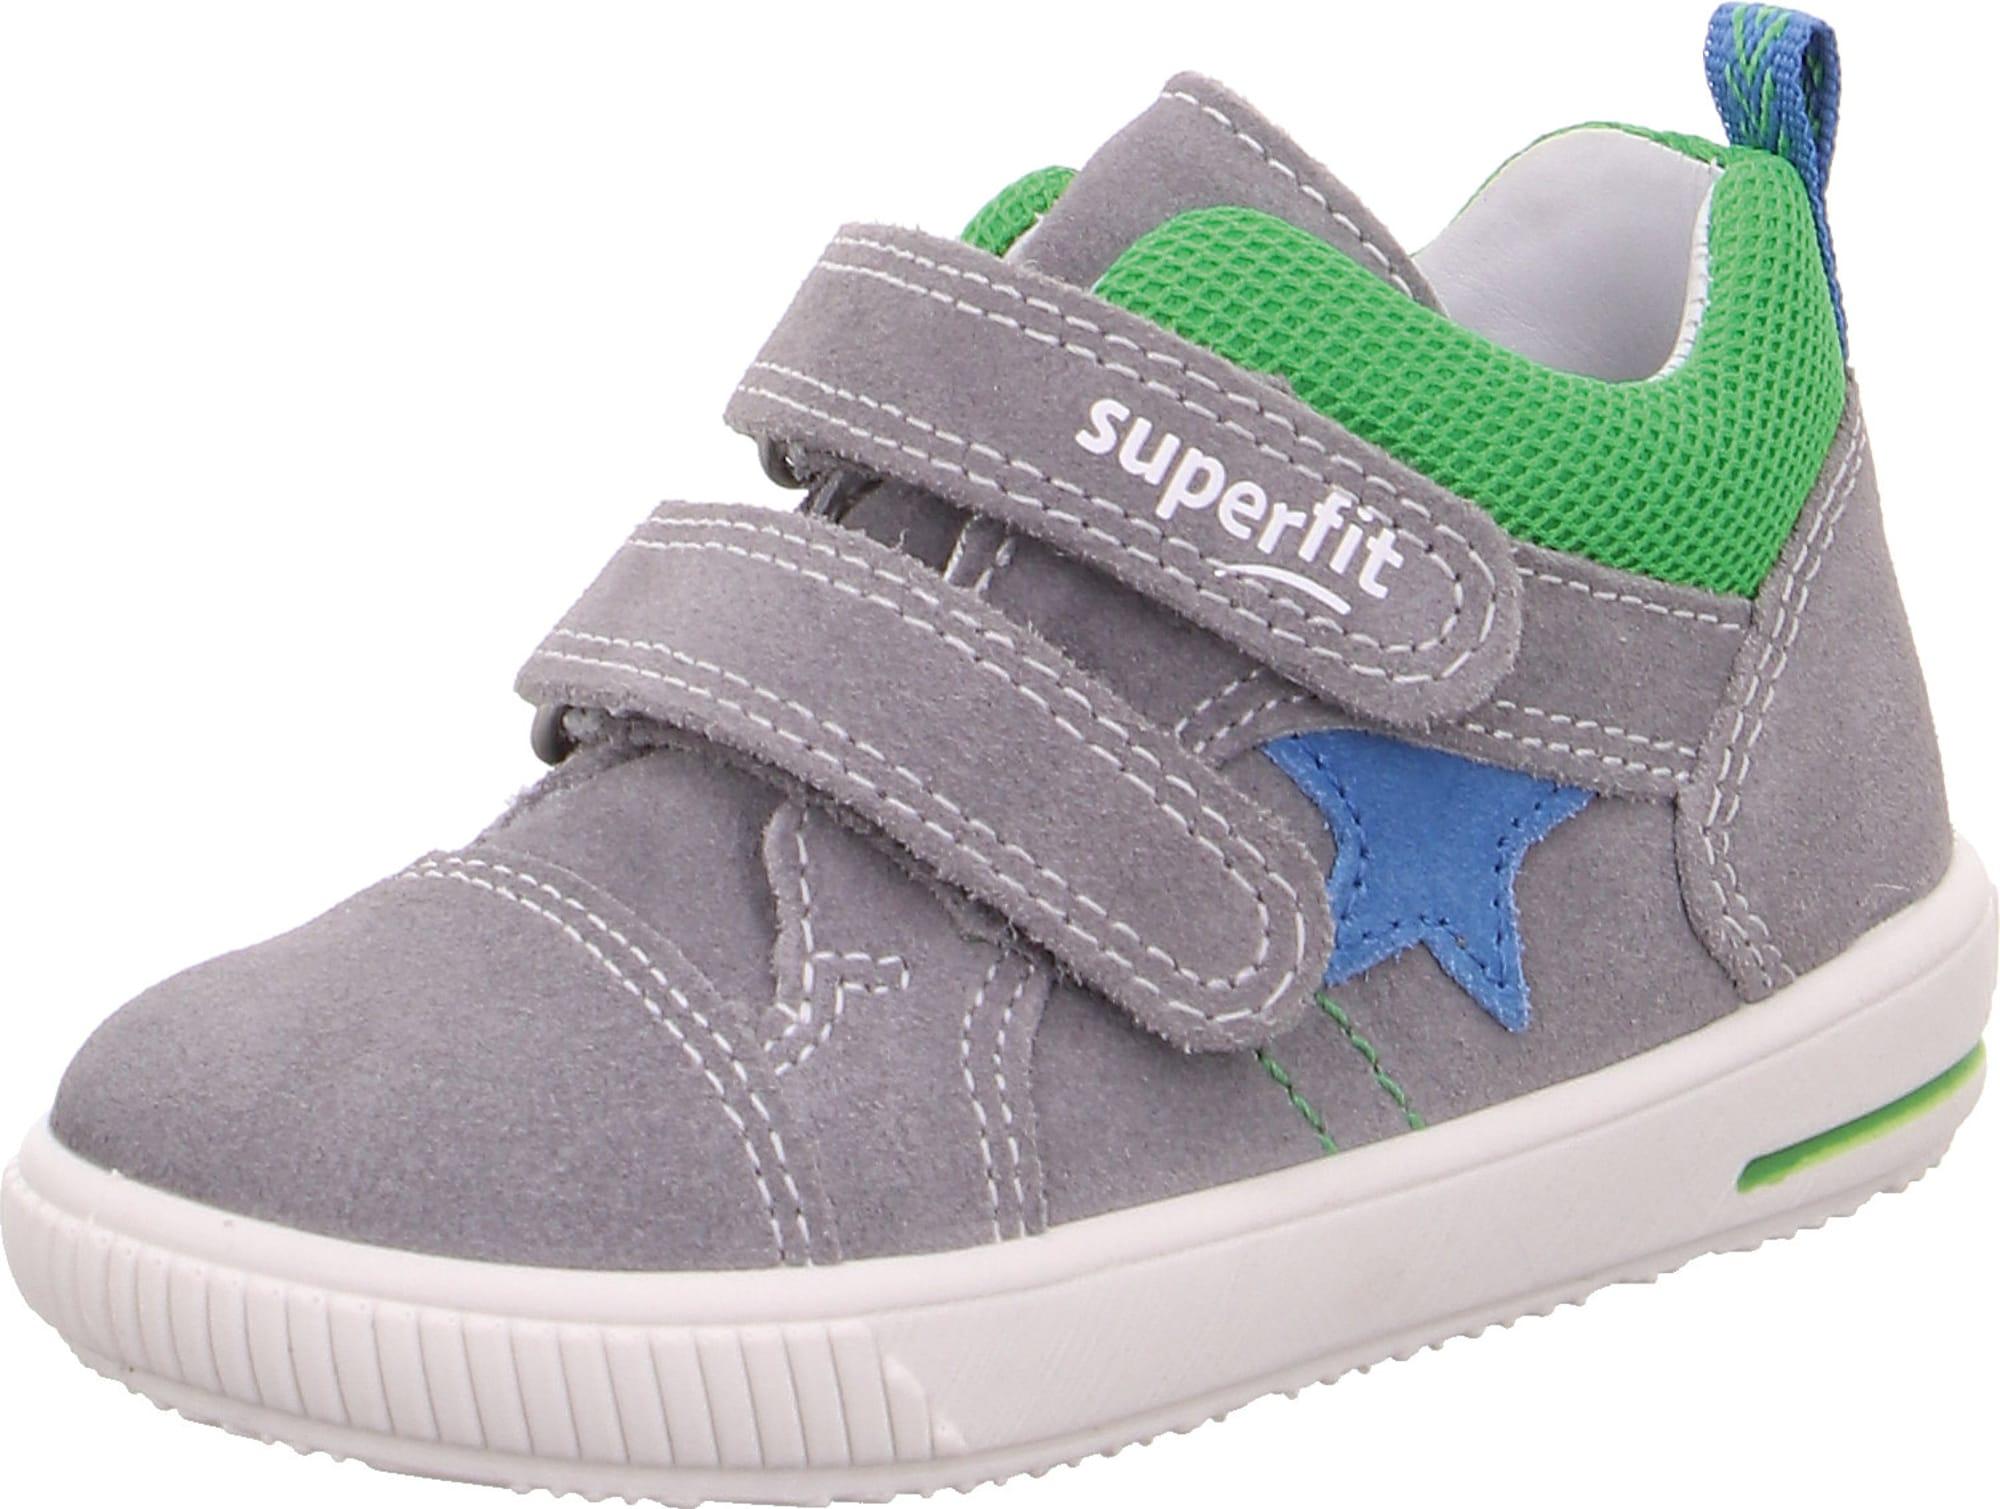 SUPERFIT Pirmieji vaiko vaikščiojimo bateliai